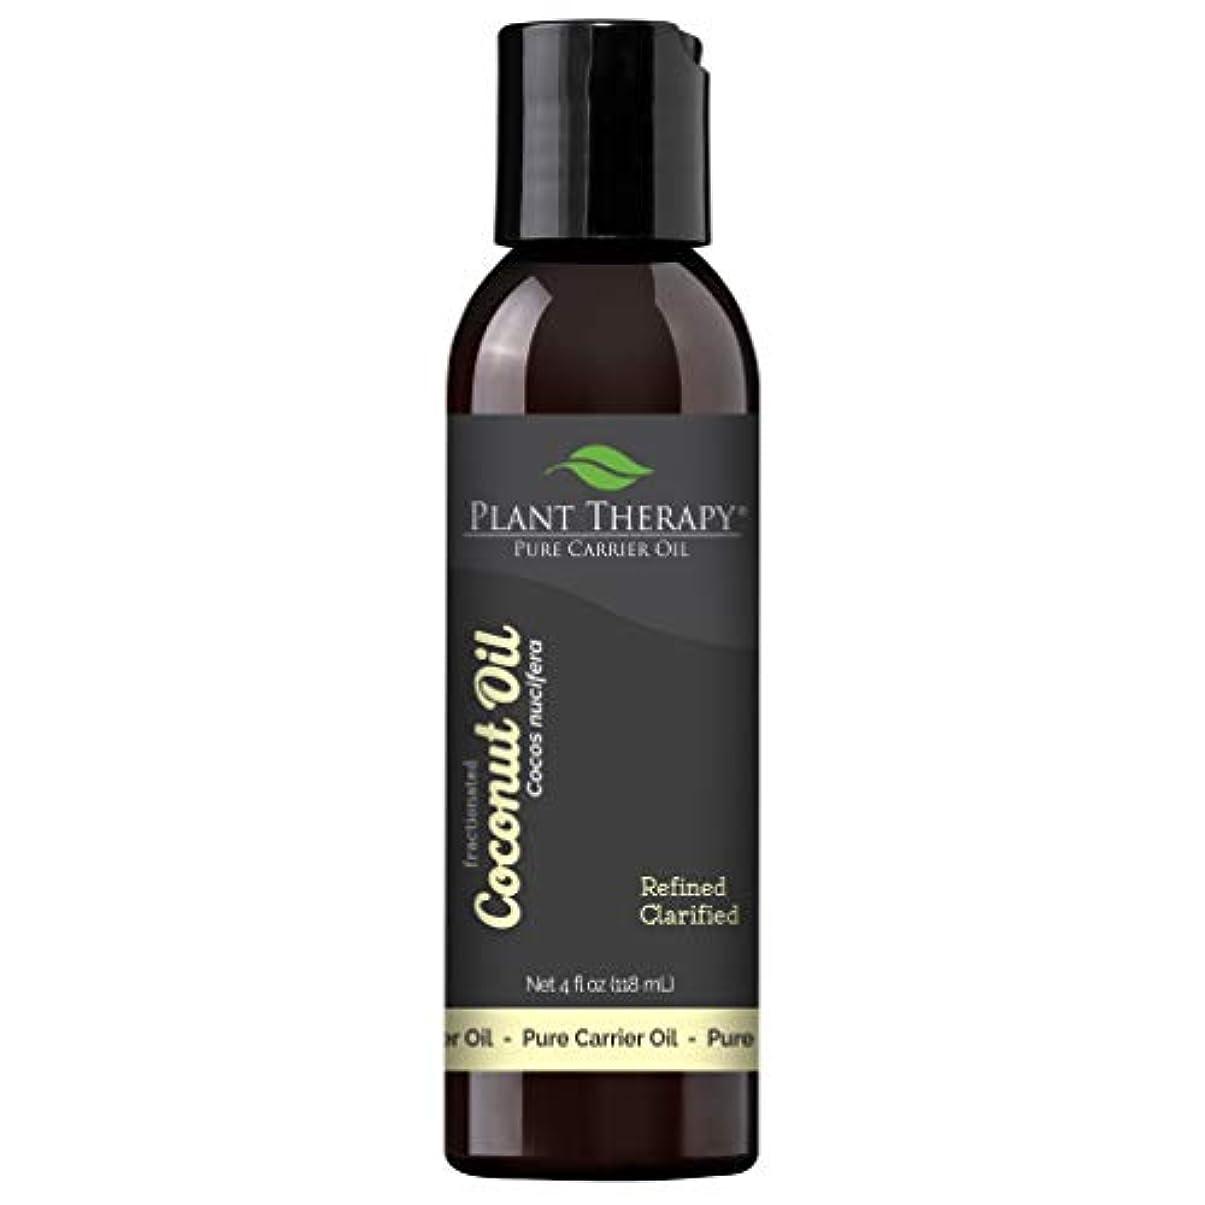 製作スロープ変色するPlant Therapy Essential Oils (プラントセラピー エッセンシャルオイル) ココナッツ (分別蒸留) 4 オンス キャリアオイル